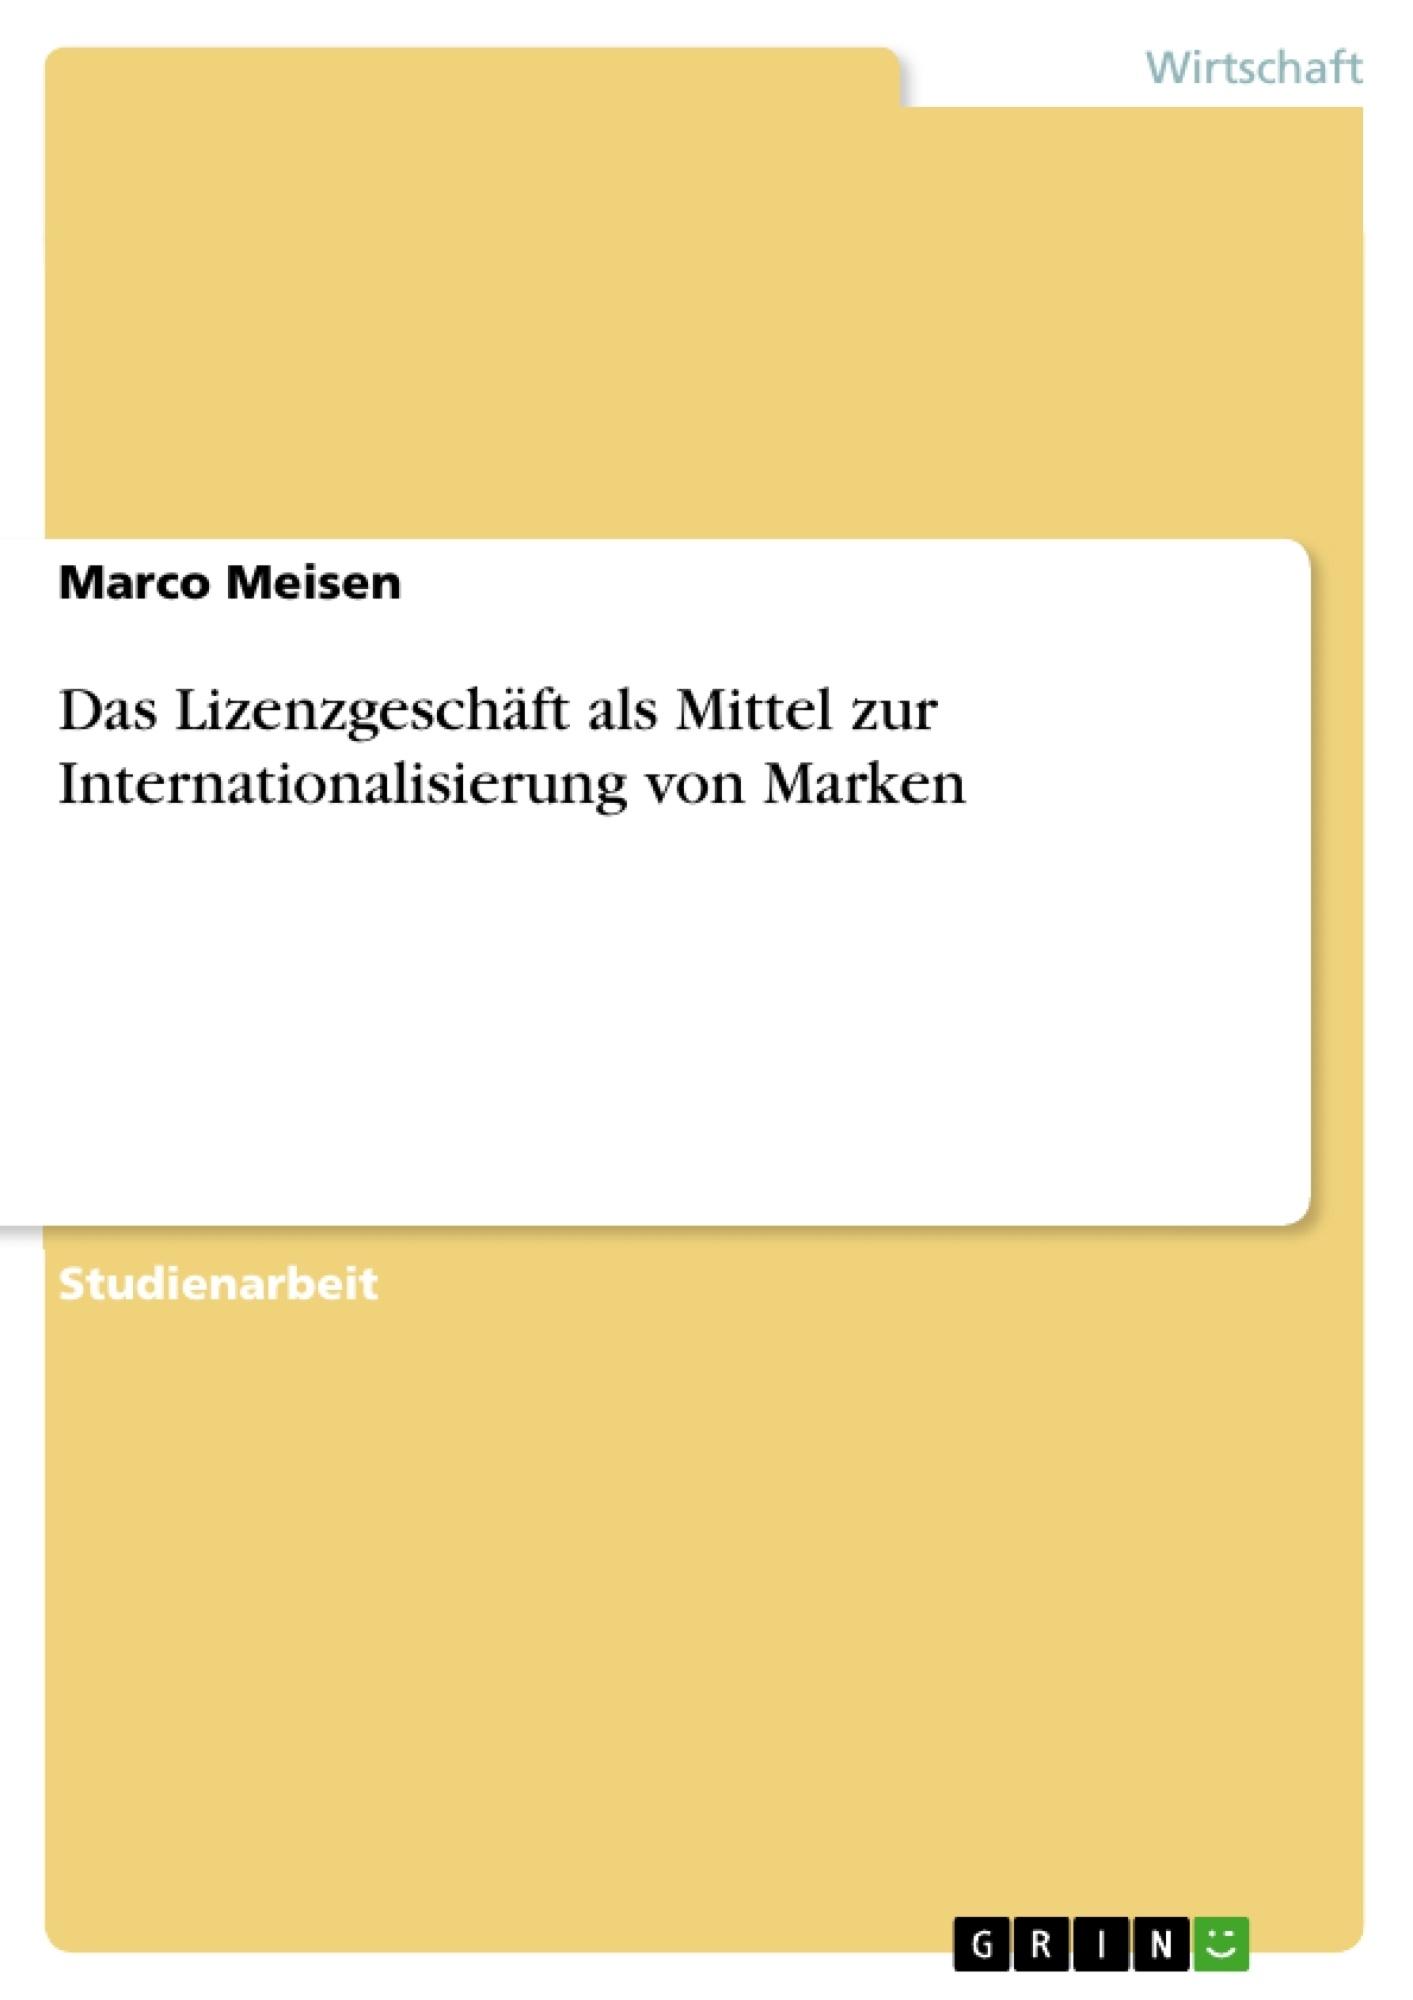 Titel: Das Lizenzgeschäft als Mittel zur Internationalisierung von Marken